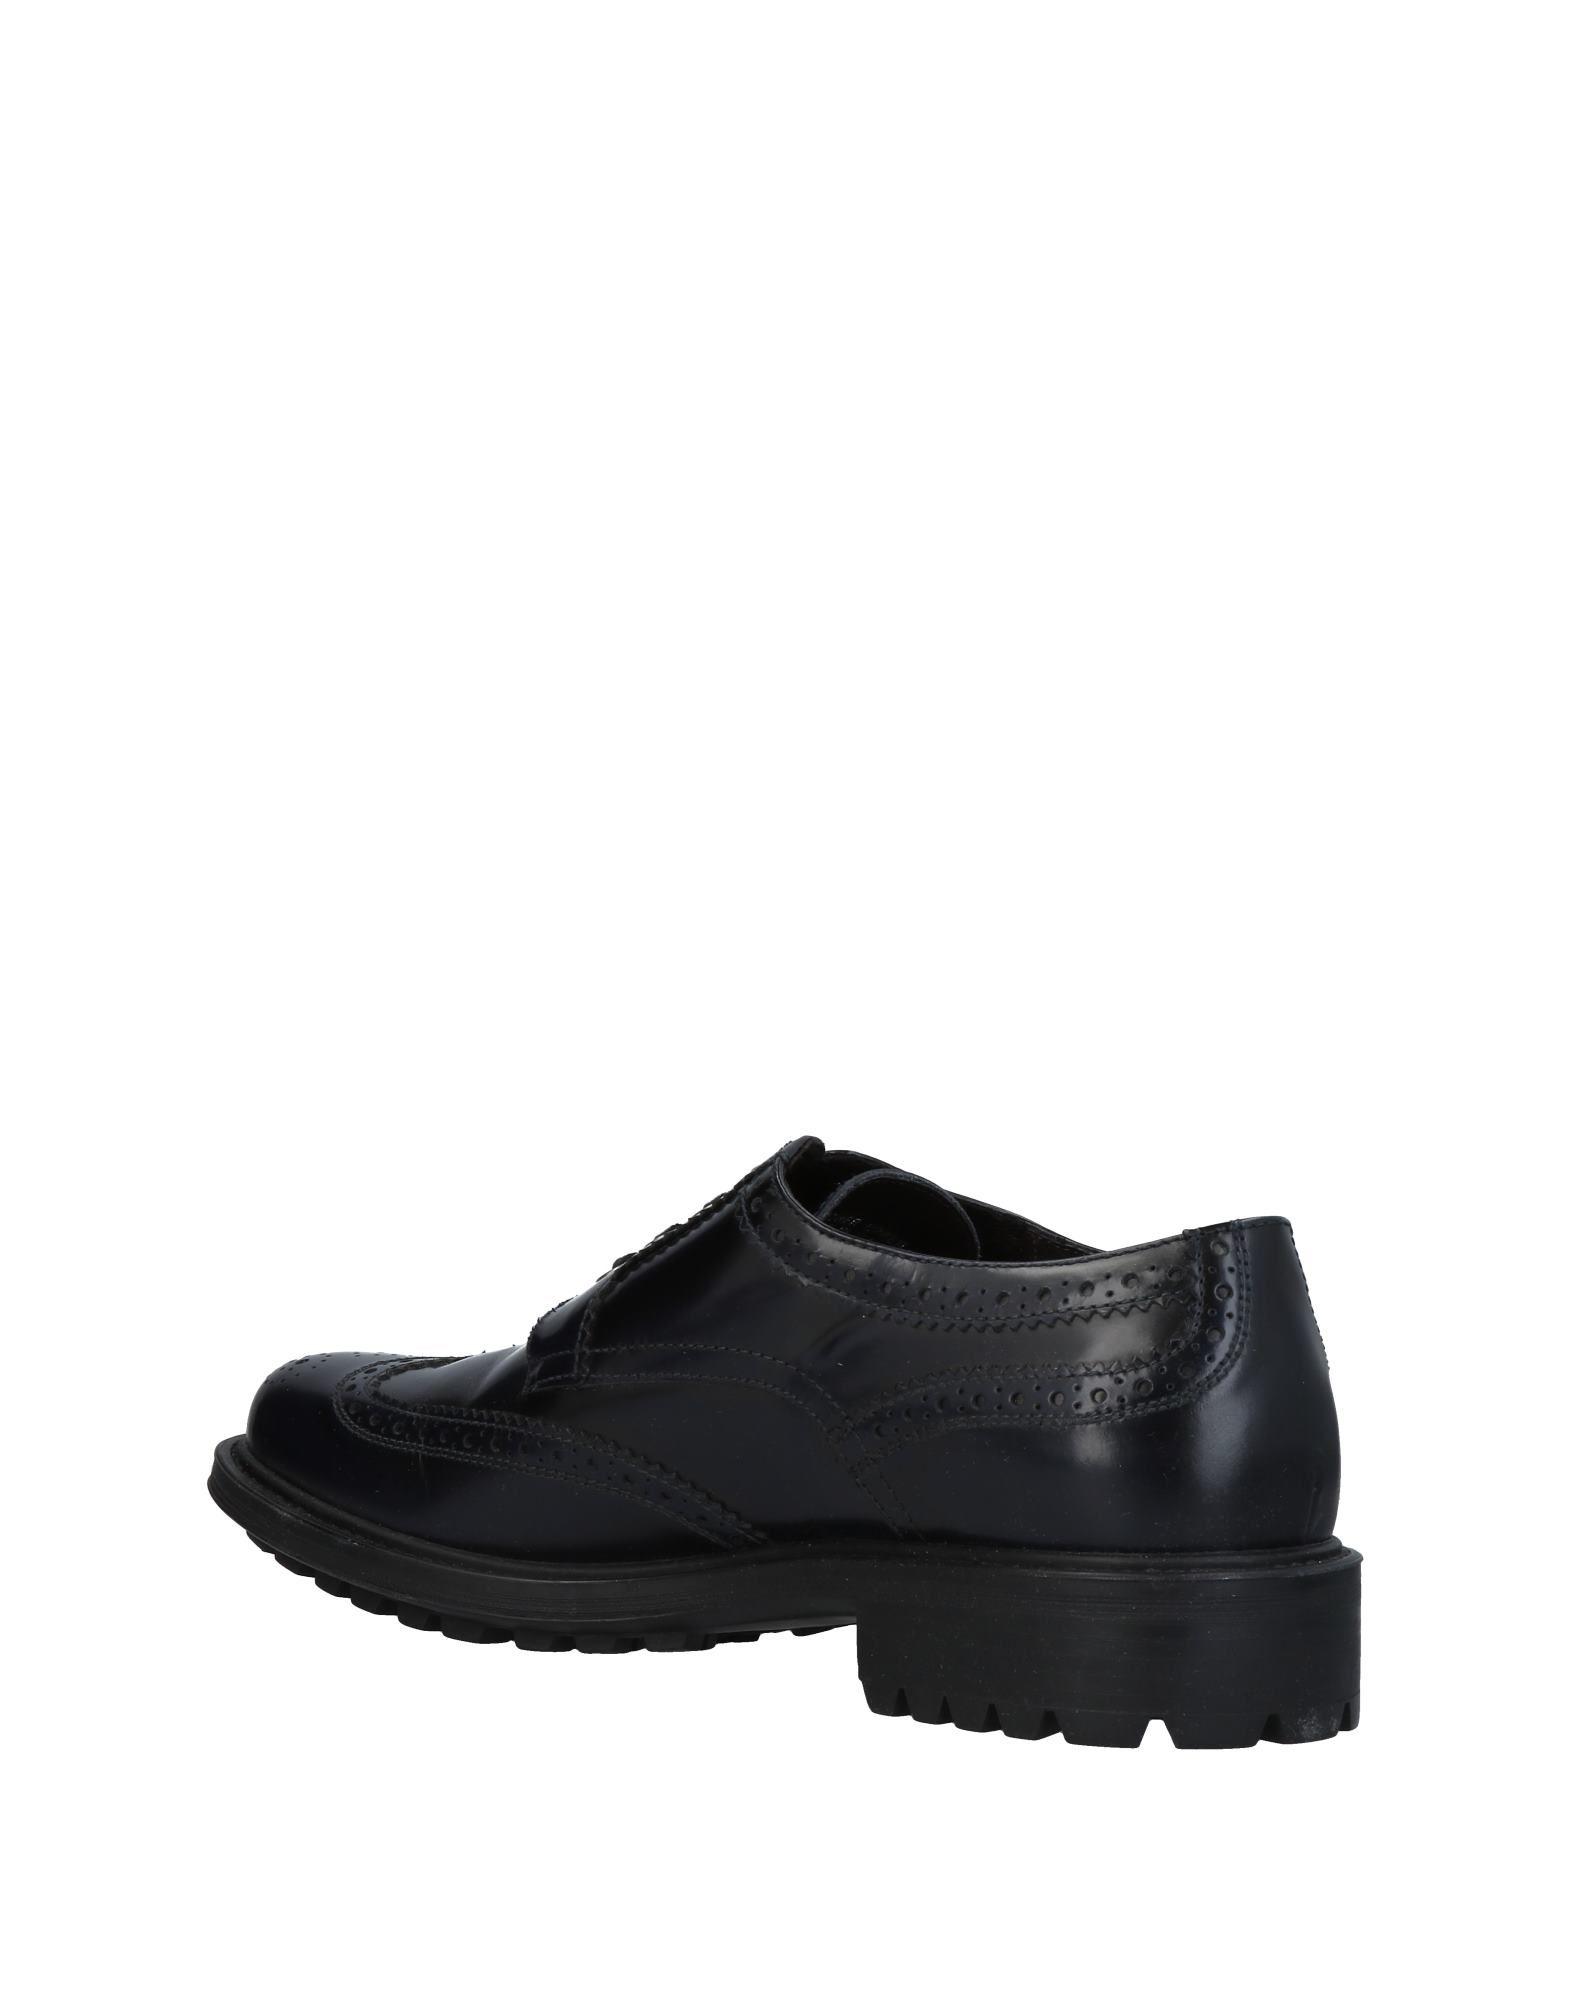 Chaussures - Chaussures À Lacets Manuel Ritz PxaIA09e1P